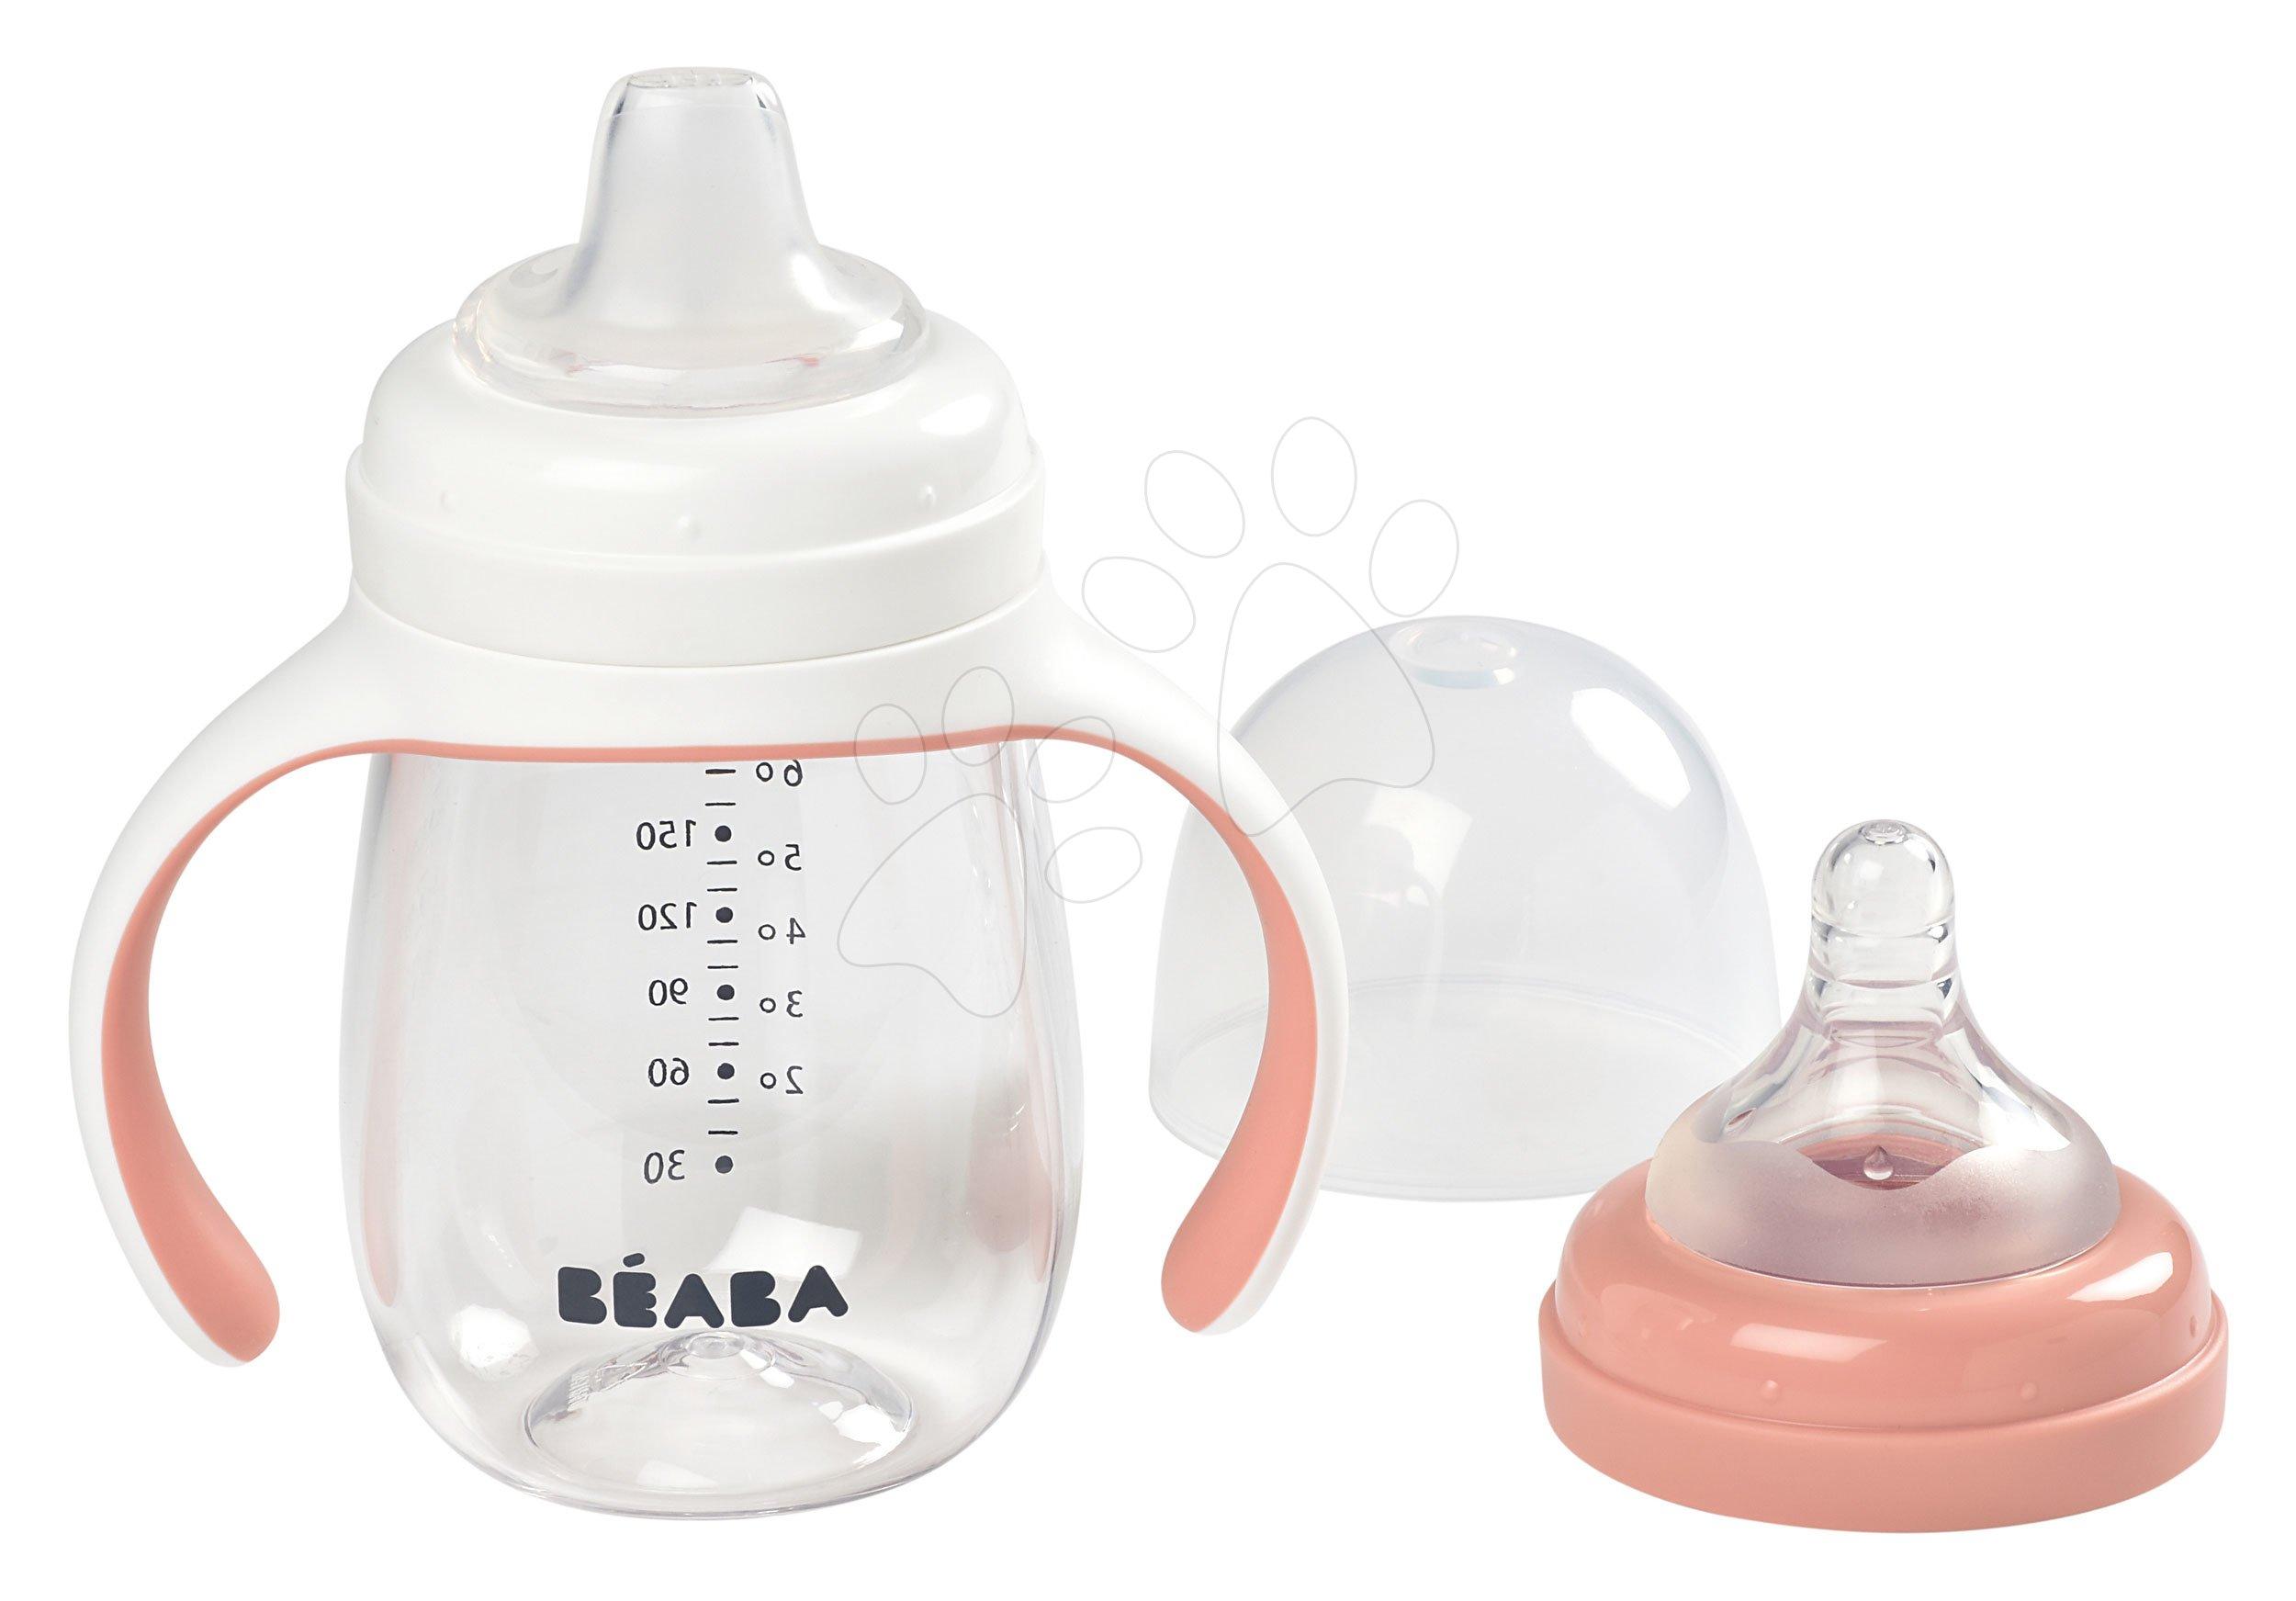 Steklenička bidon za učenje pitja Beaba Learning Cup 2in1 Pink 210 ml s slamico rožnata od 4 mes